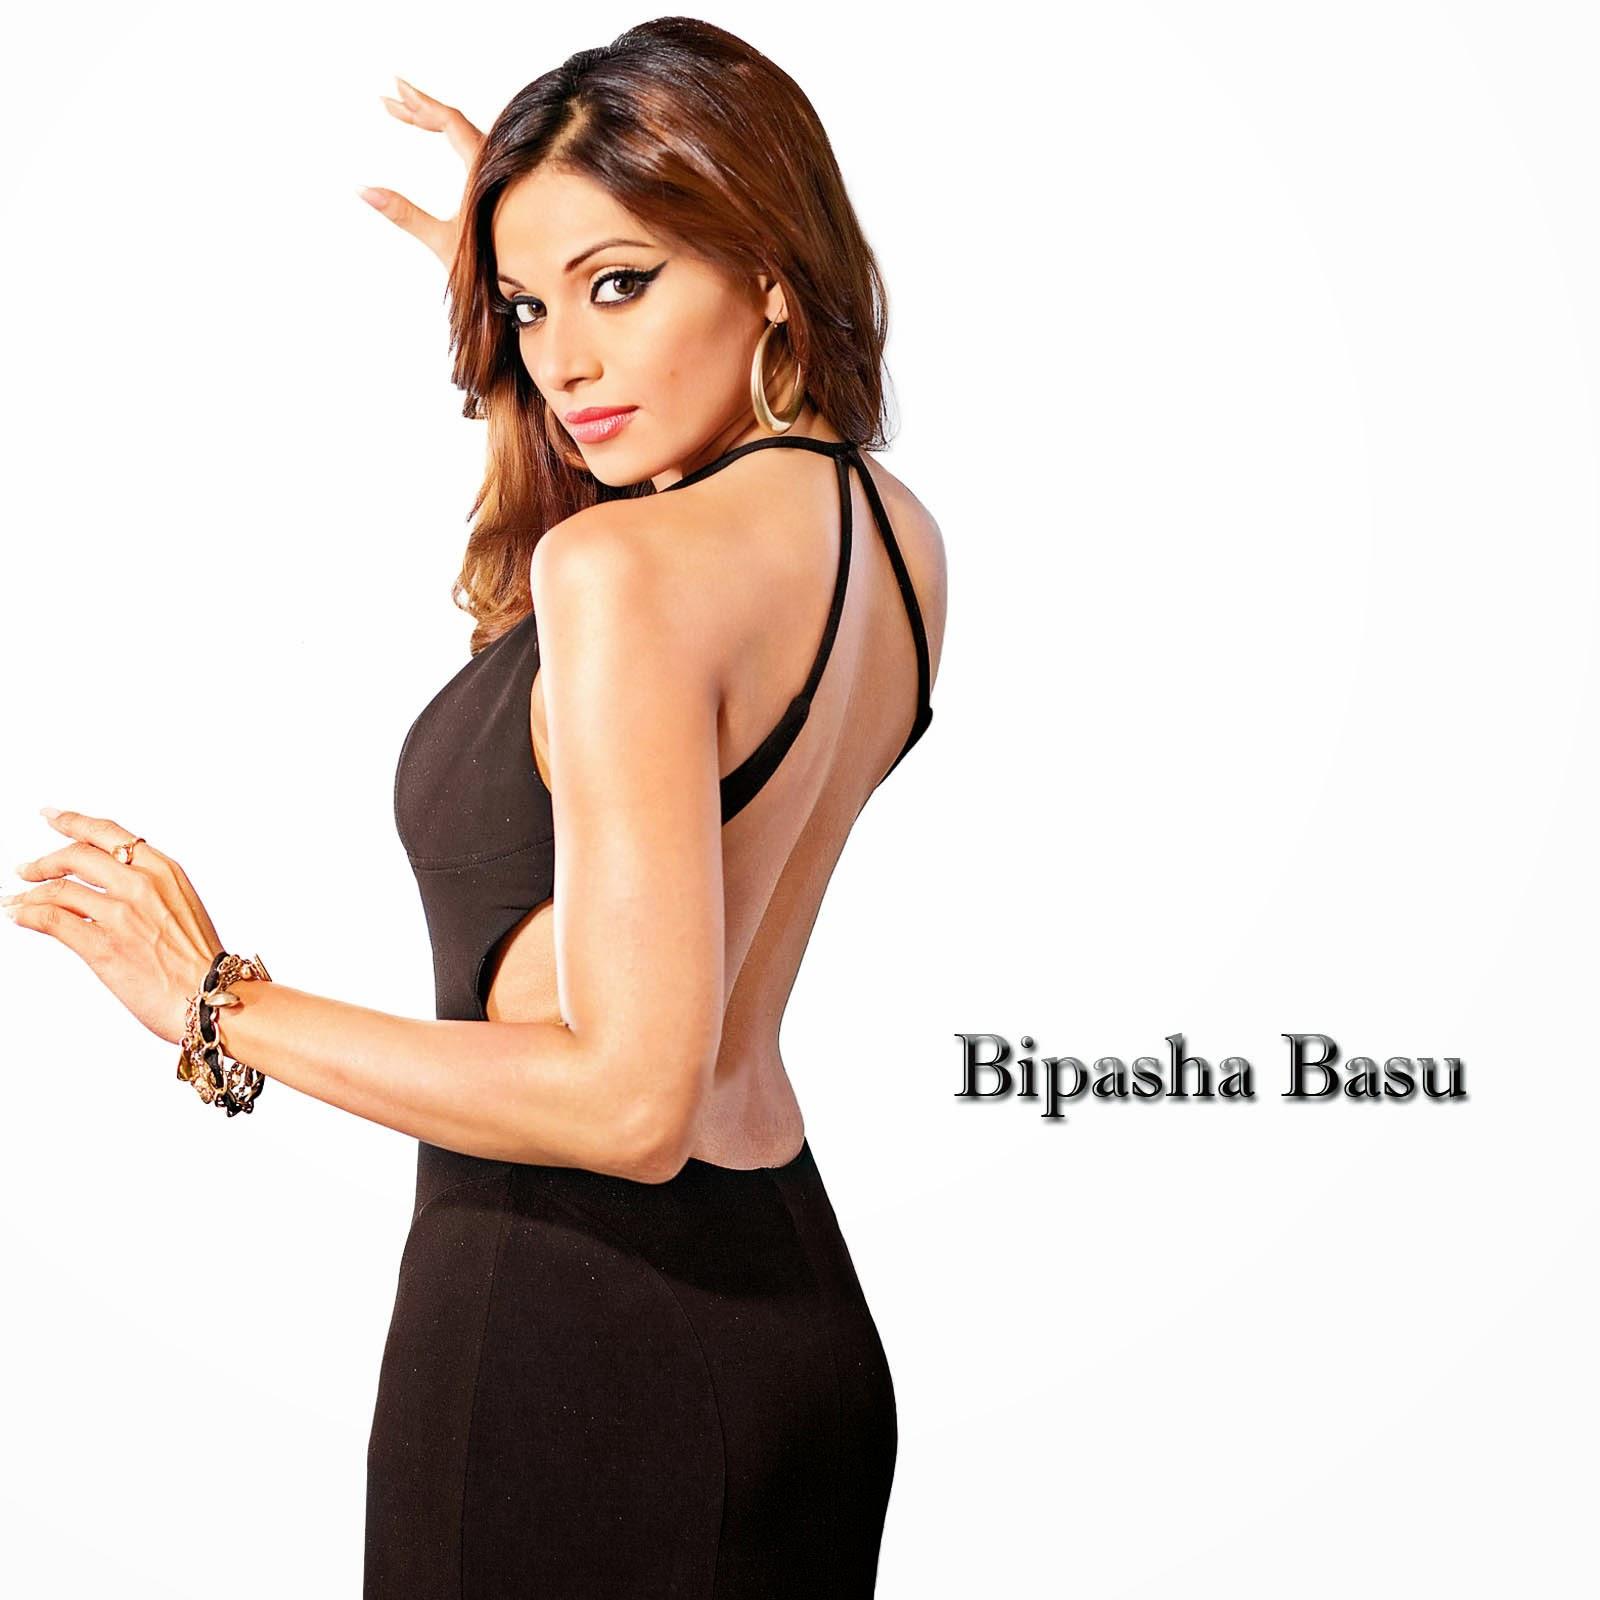 Bipasha Basu red dress sexy wallpaper